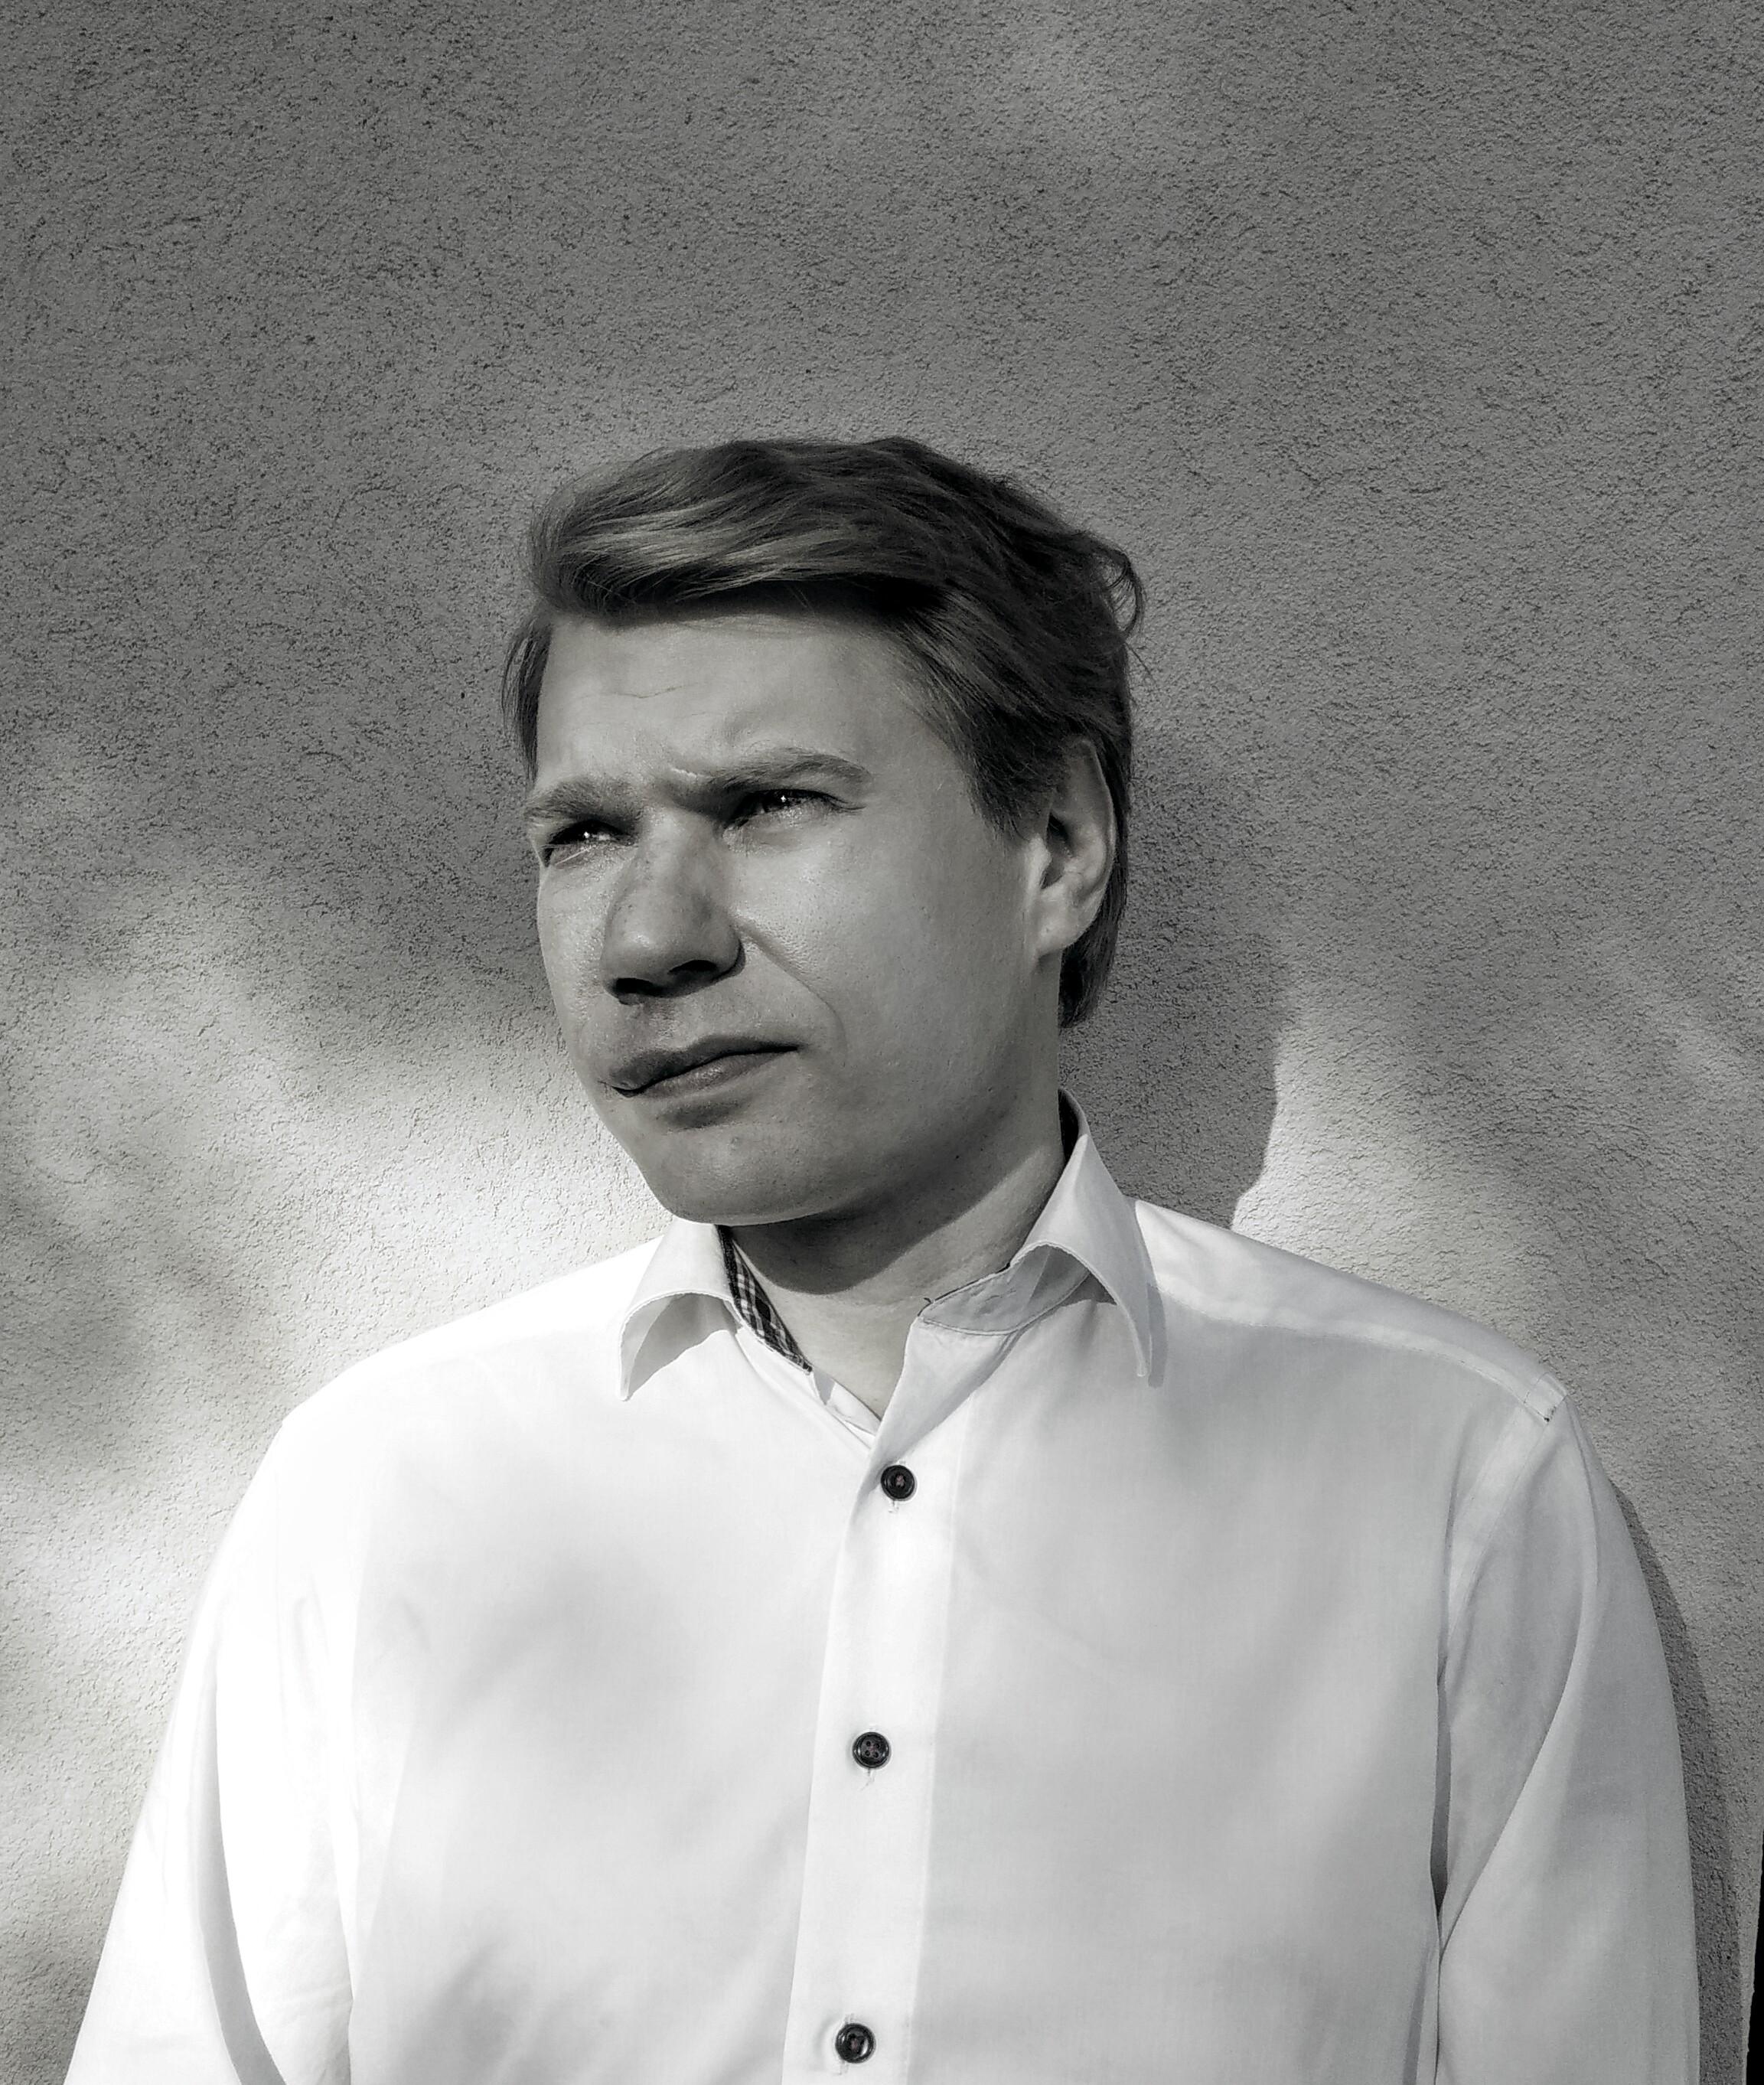 Timo Miettinen Tutkija Kasvot